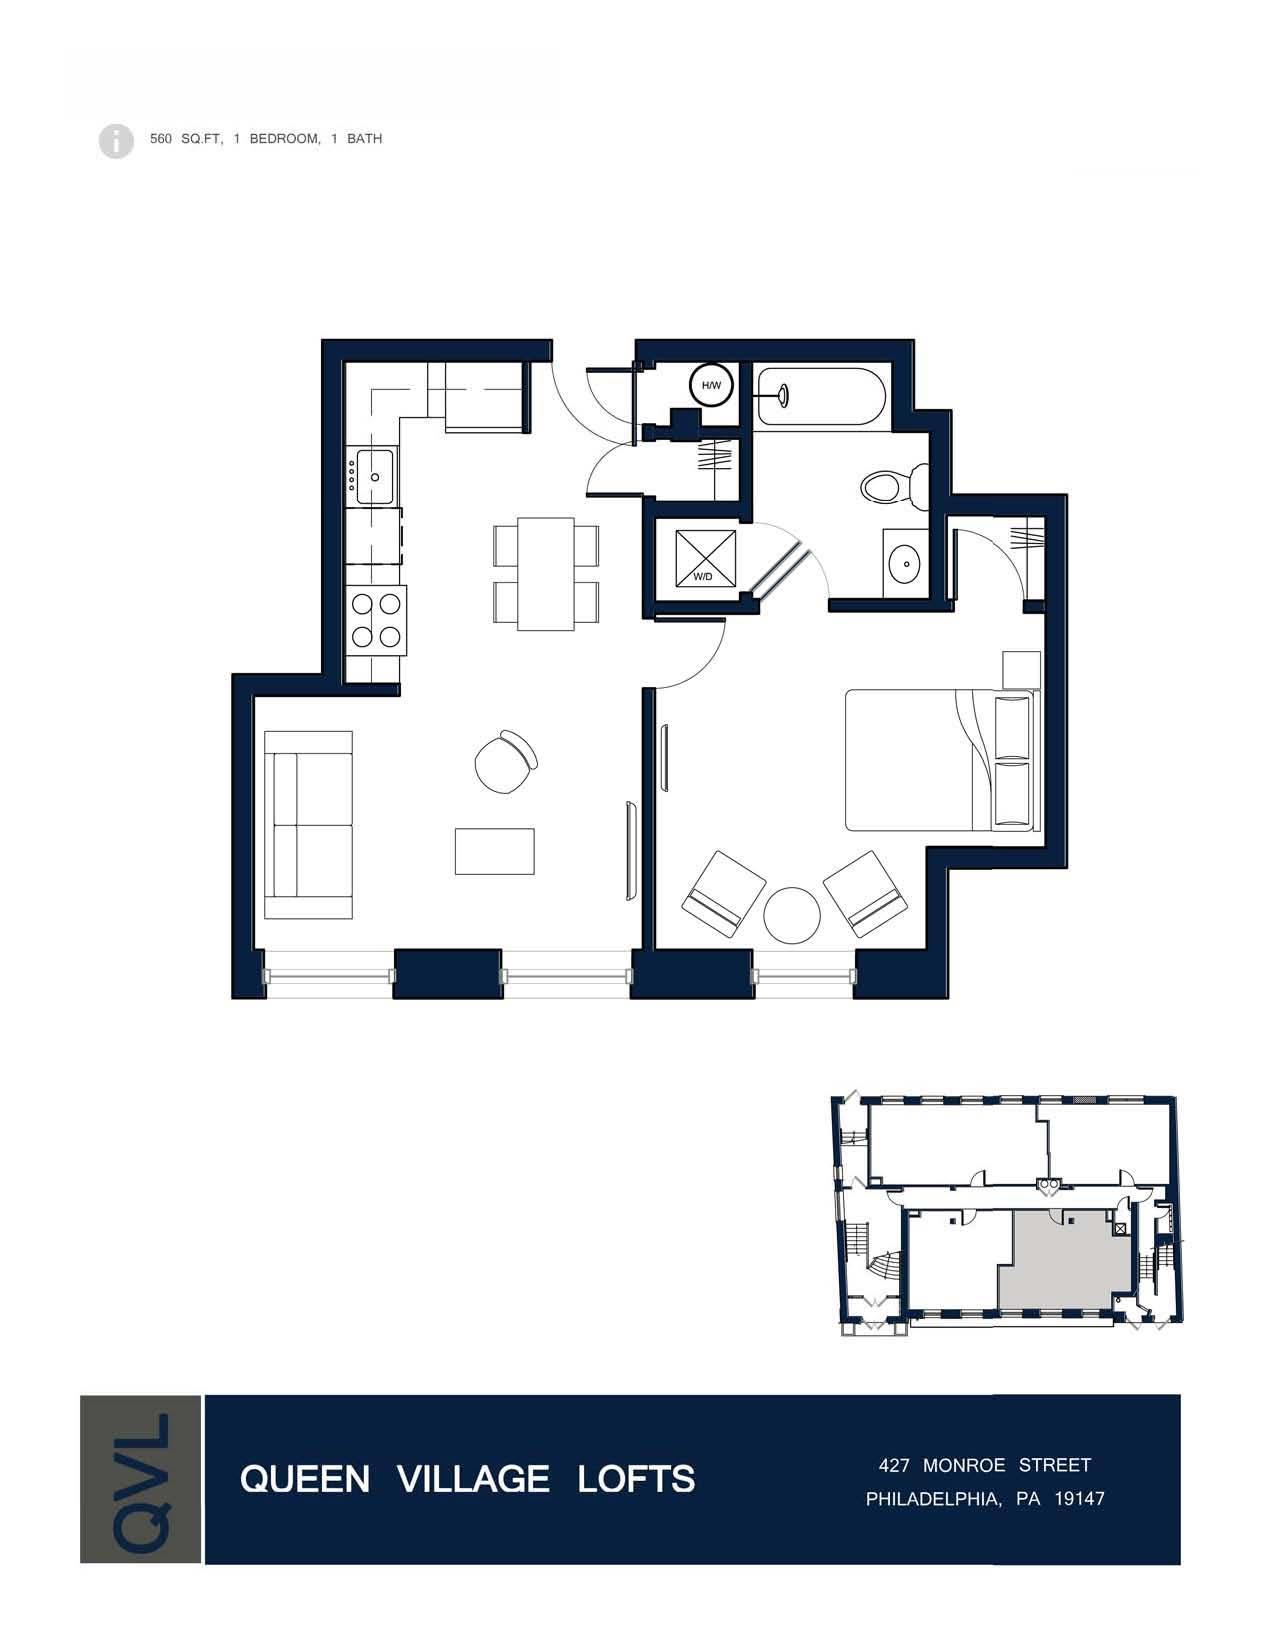 Queen Village Lofts Floor Plans